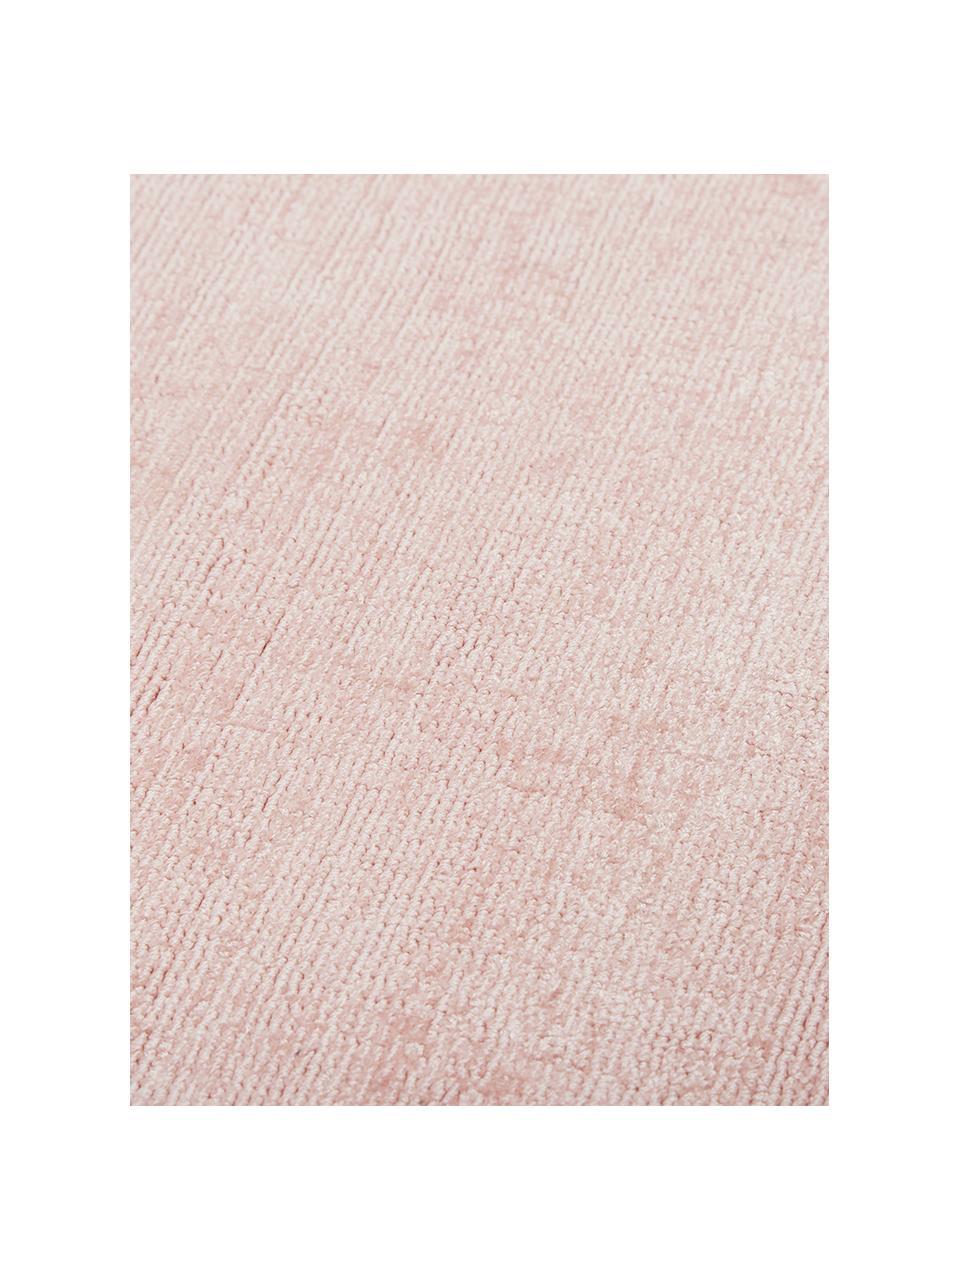 Handgeweven viscose vloerkleed Jane in roze, Bovenzijde: 100% viscose, Onderzijde: 100% katoen, Roze, B 160 x L 230 cm (maat M)